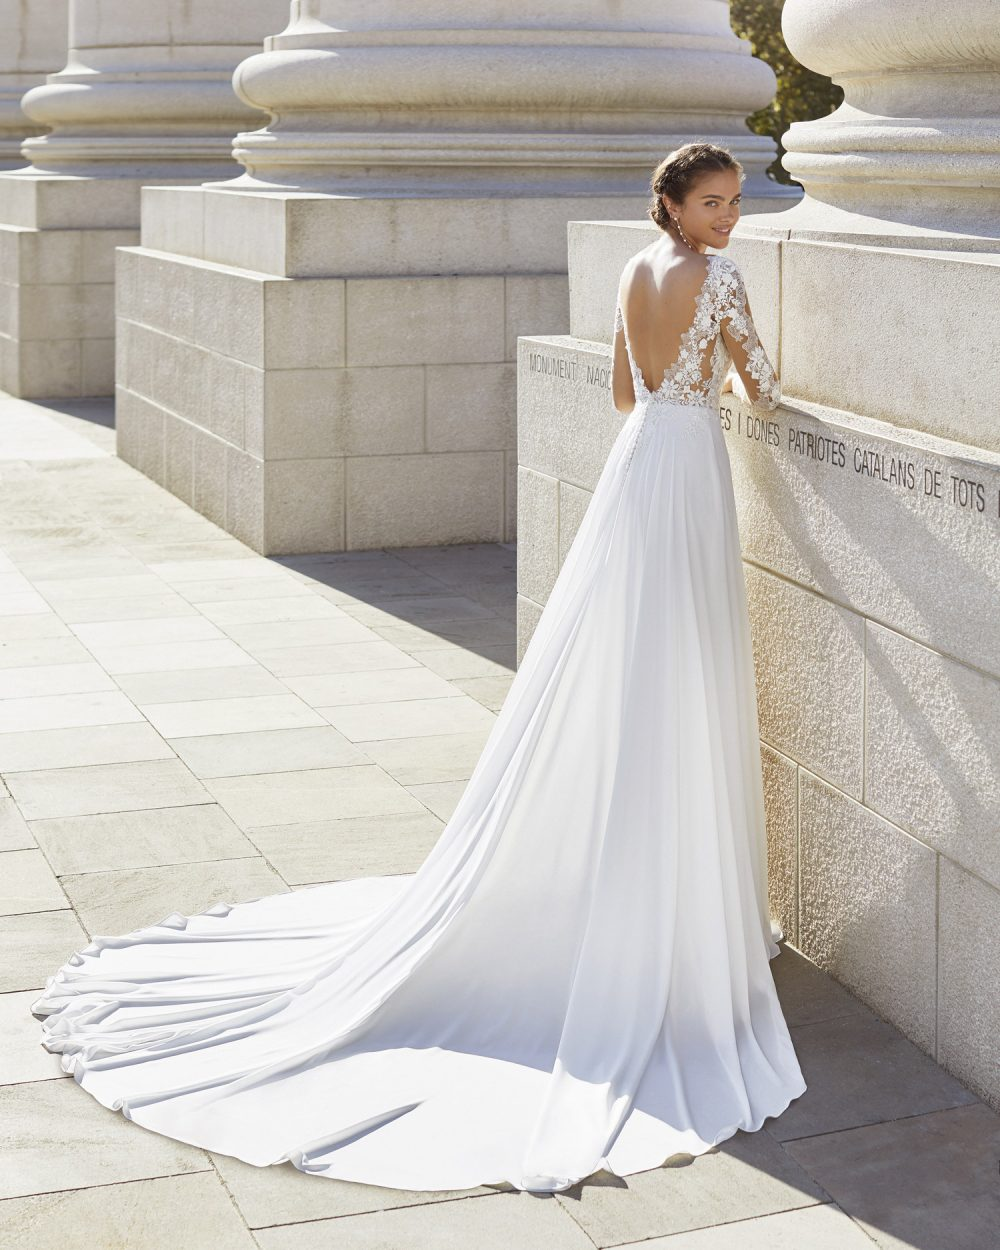 Mariages: abito da sposa Rosa Clarà 2021 a Vicenza, Verona, Padova, Veneto 5S105 YAEL